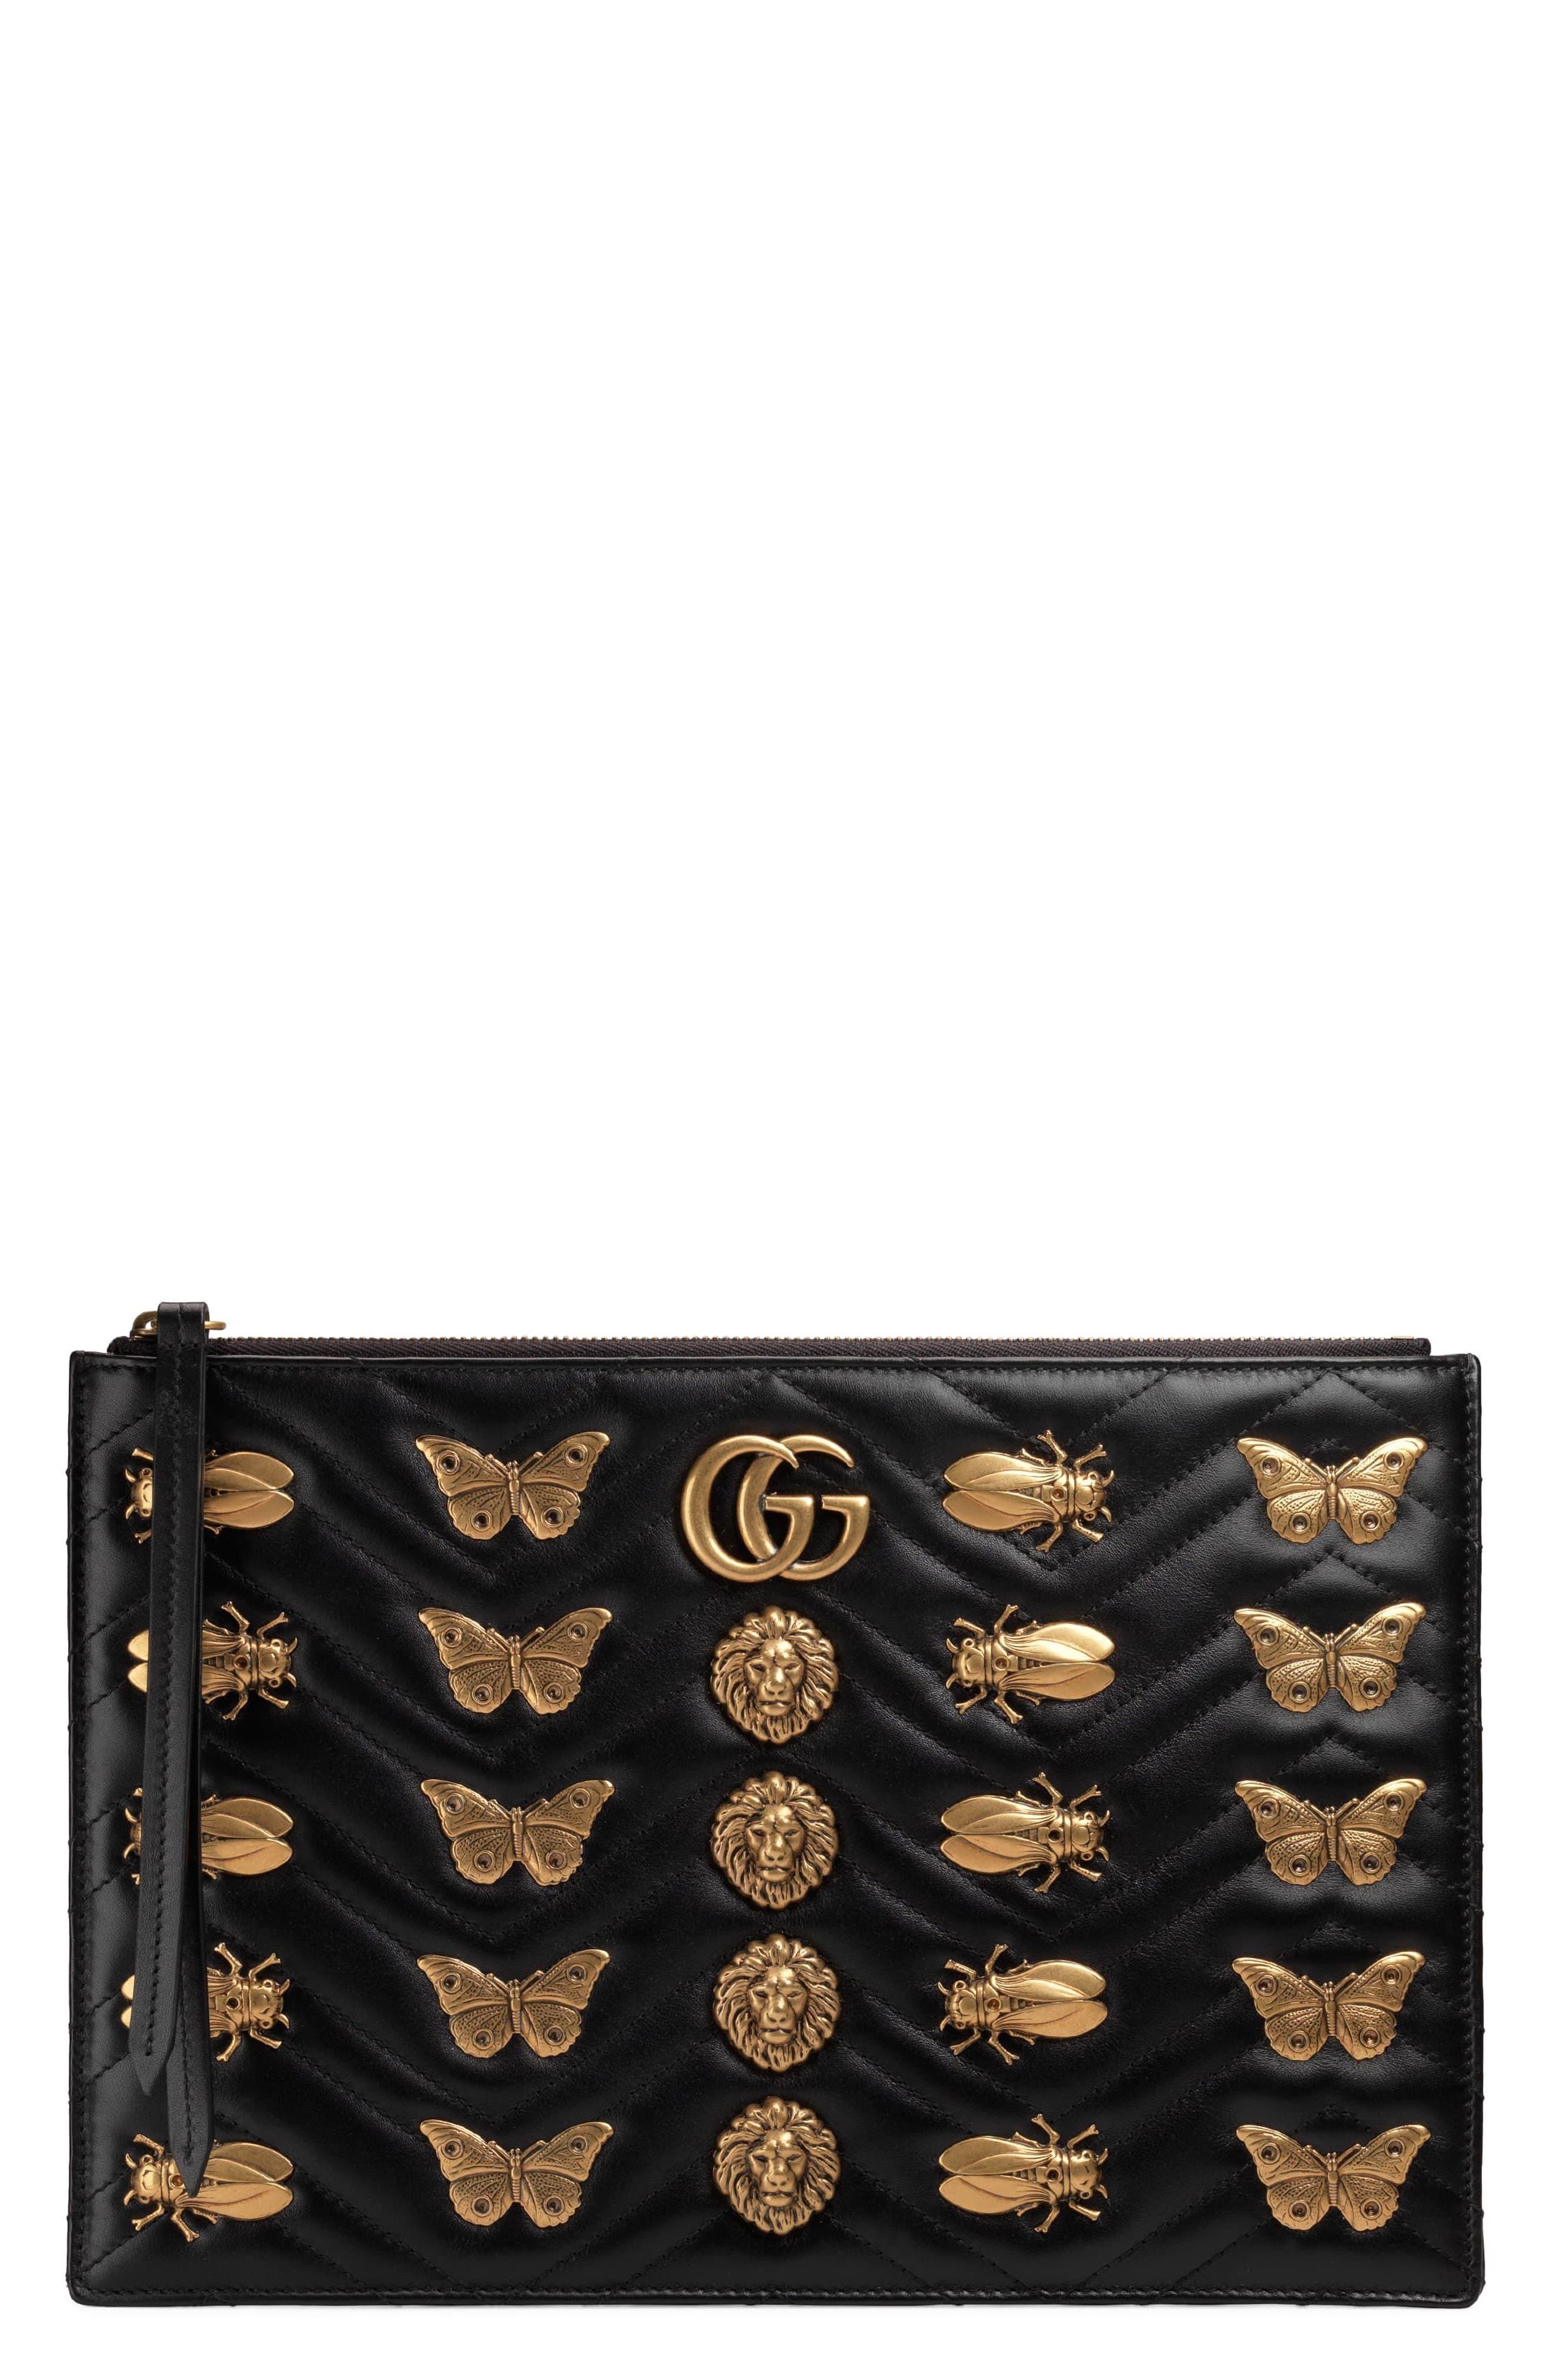 GG Marmont 2.0 Animal Stud Matelassé Leather Pouch,                         Main,                         color,